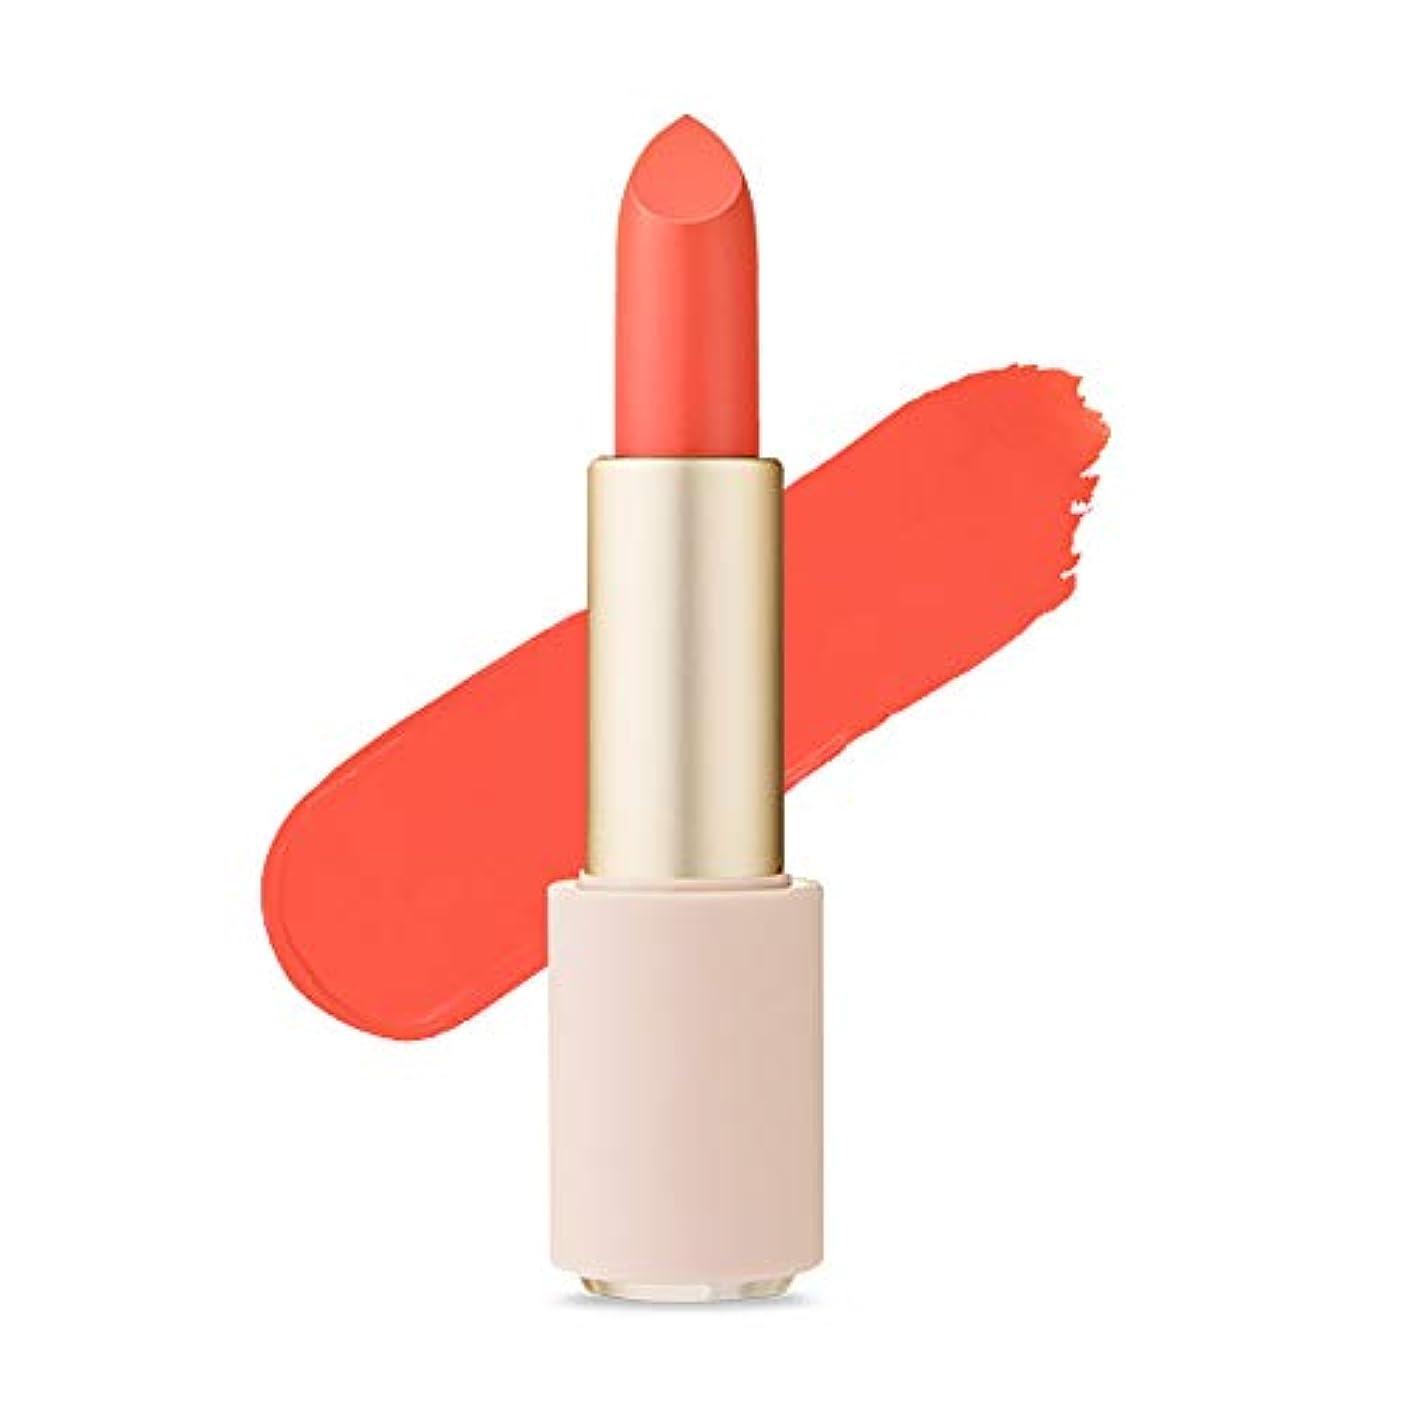 バンドたぶんエスカレーターEtude House Better Lips Talk Velvet エチュードハウス ベター リップス - トーク ベルベット (# OR202 Mandarin Peach) [並行輸入品]